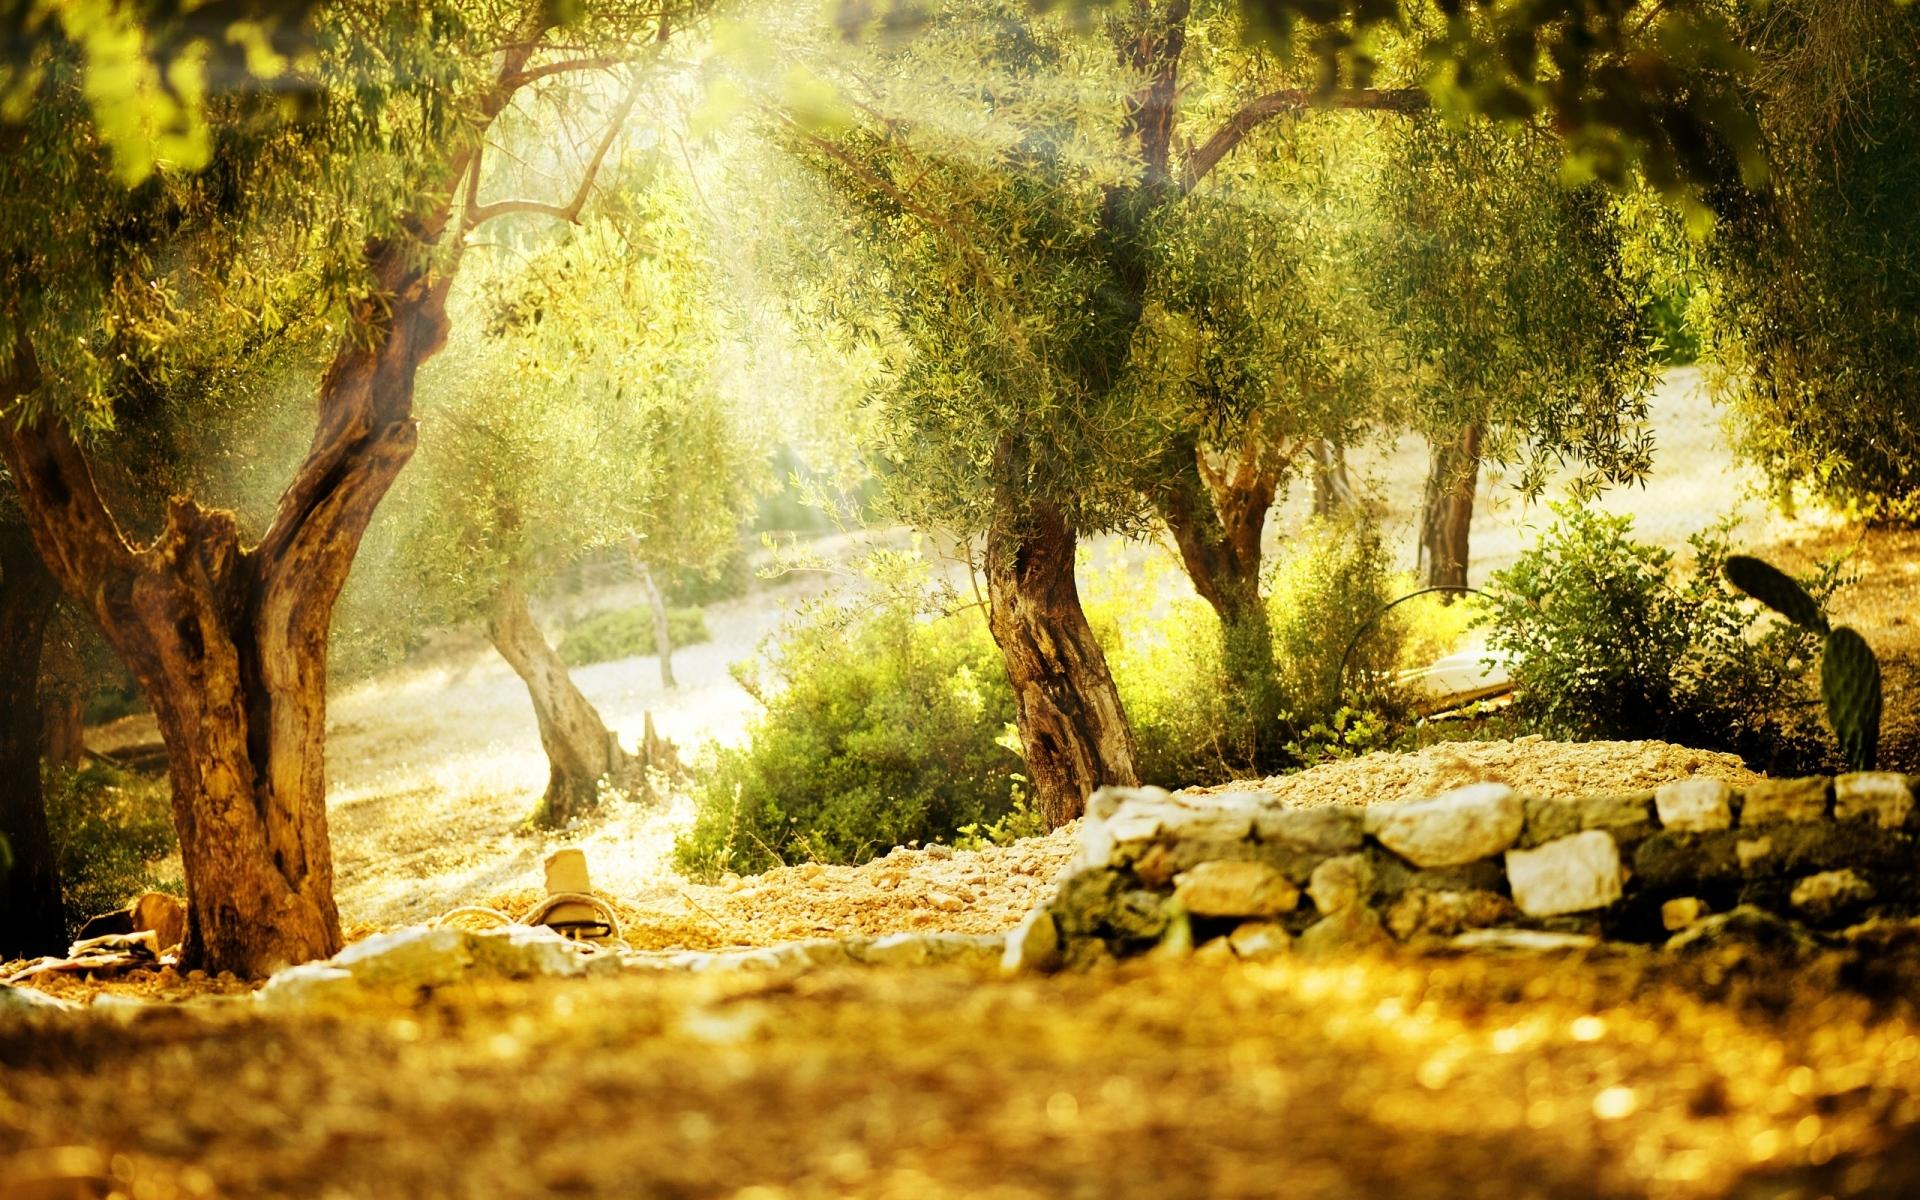 Картинки свет, деревья, камни, балки,вдохновение, нежные фото и обои на рабочий стол